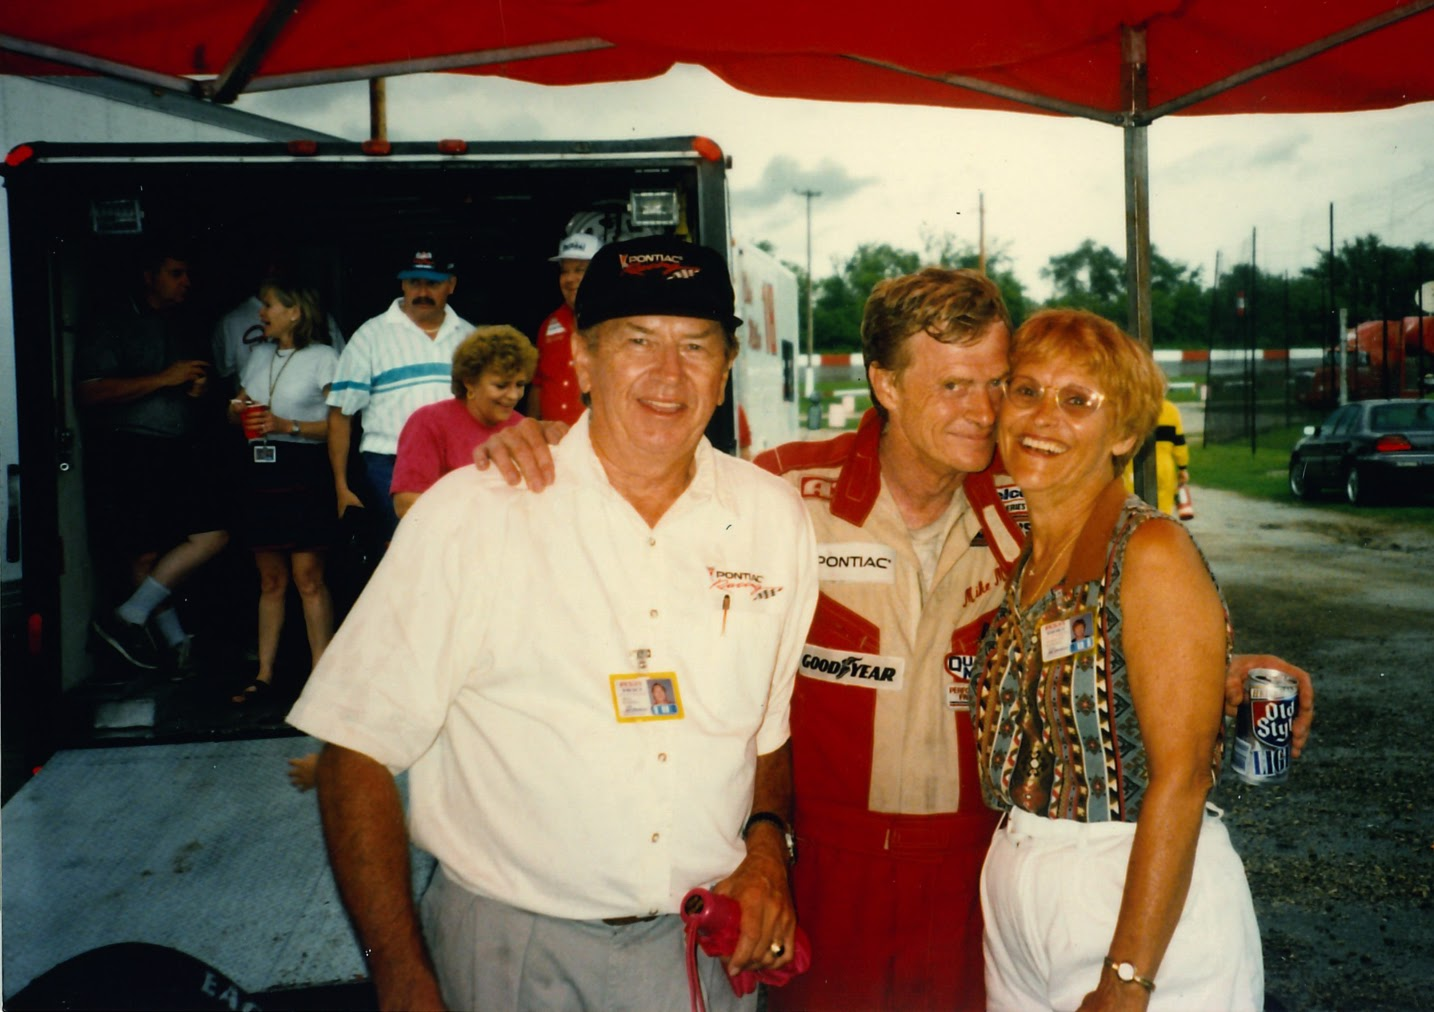 Bill Howell Mike Marilyn Miller